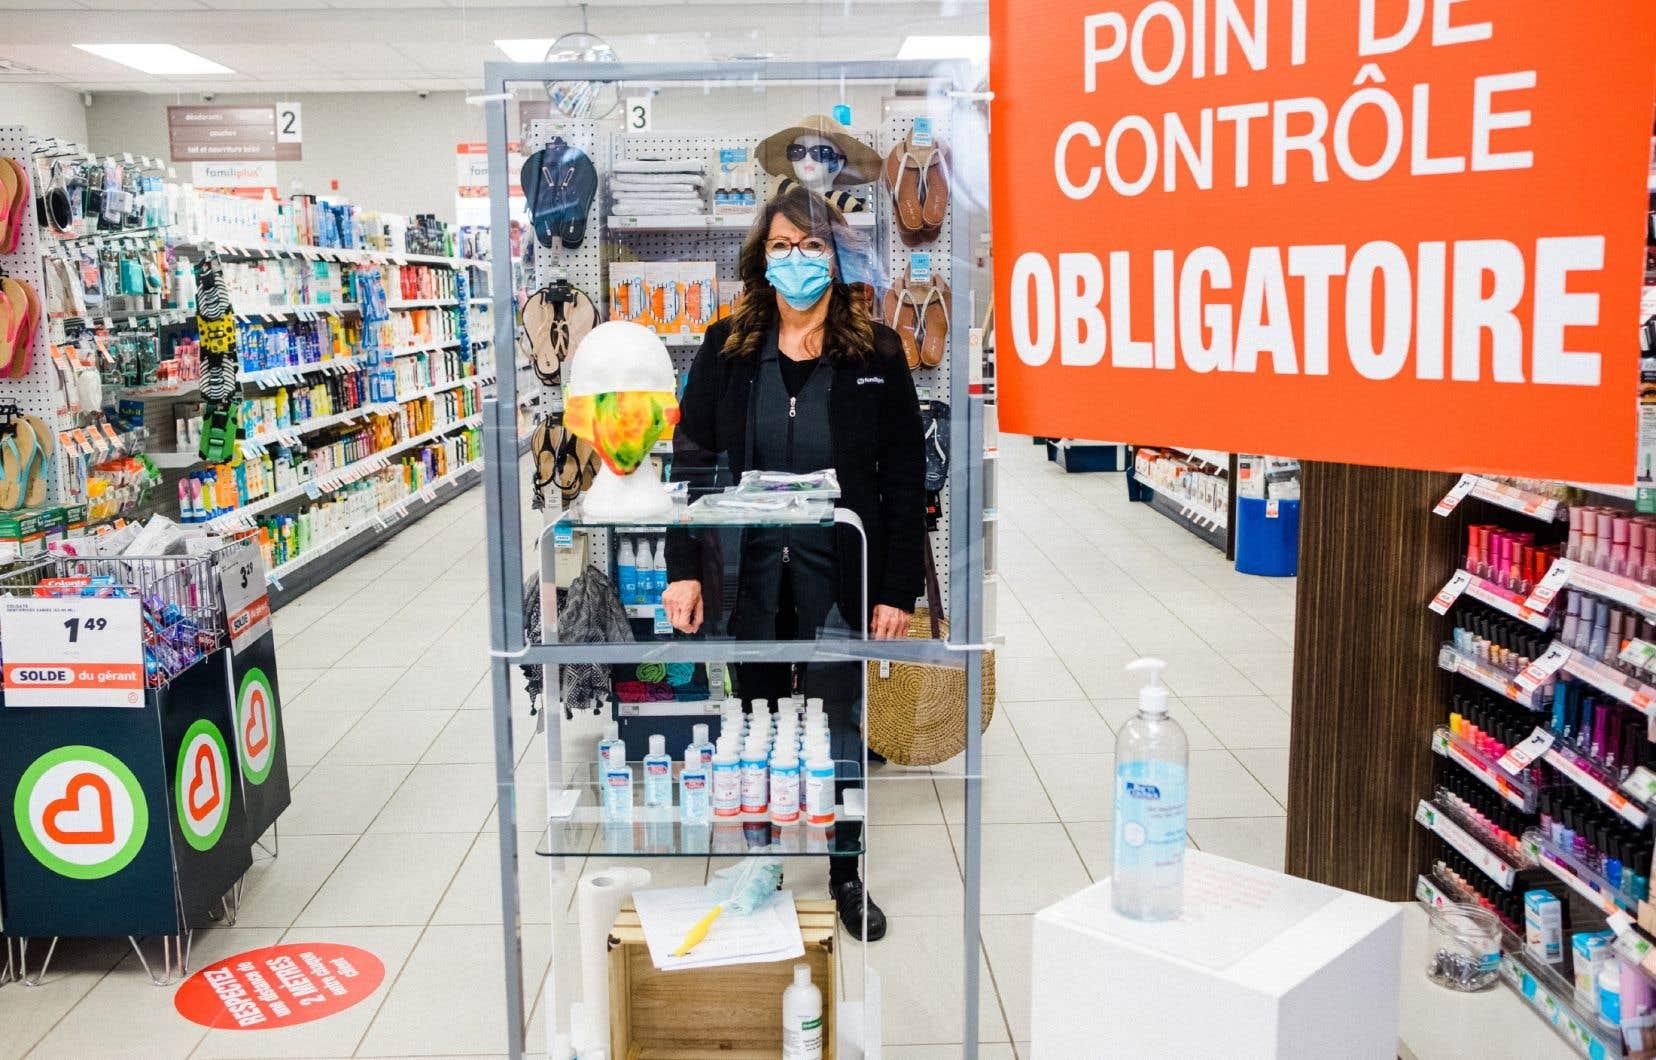 «Afin de s'assurer que les groupes à risque ne soient pas confinés à la maison, le port de masques devrait être obligatoire dans des lieux publics offrant des services essentiels», écrivent les auteurs.